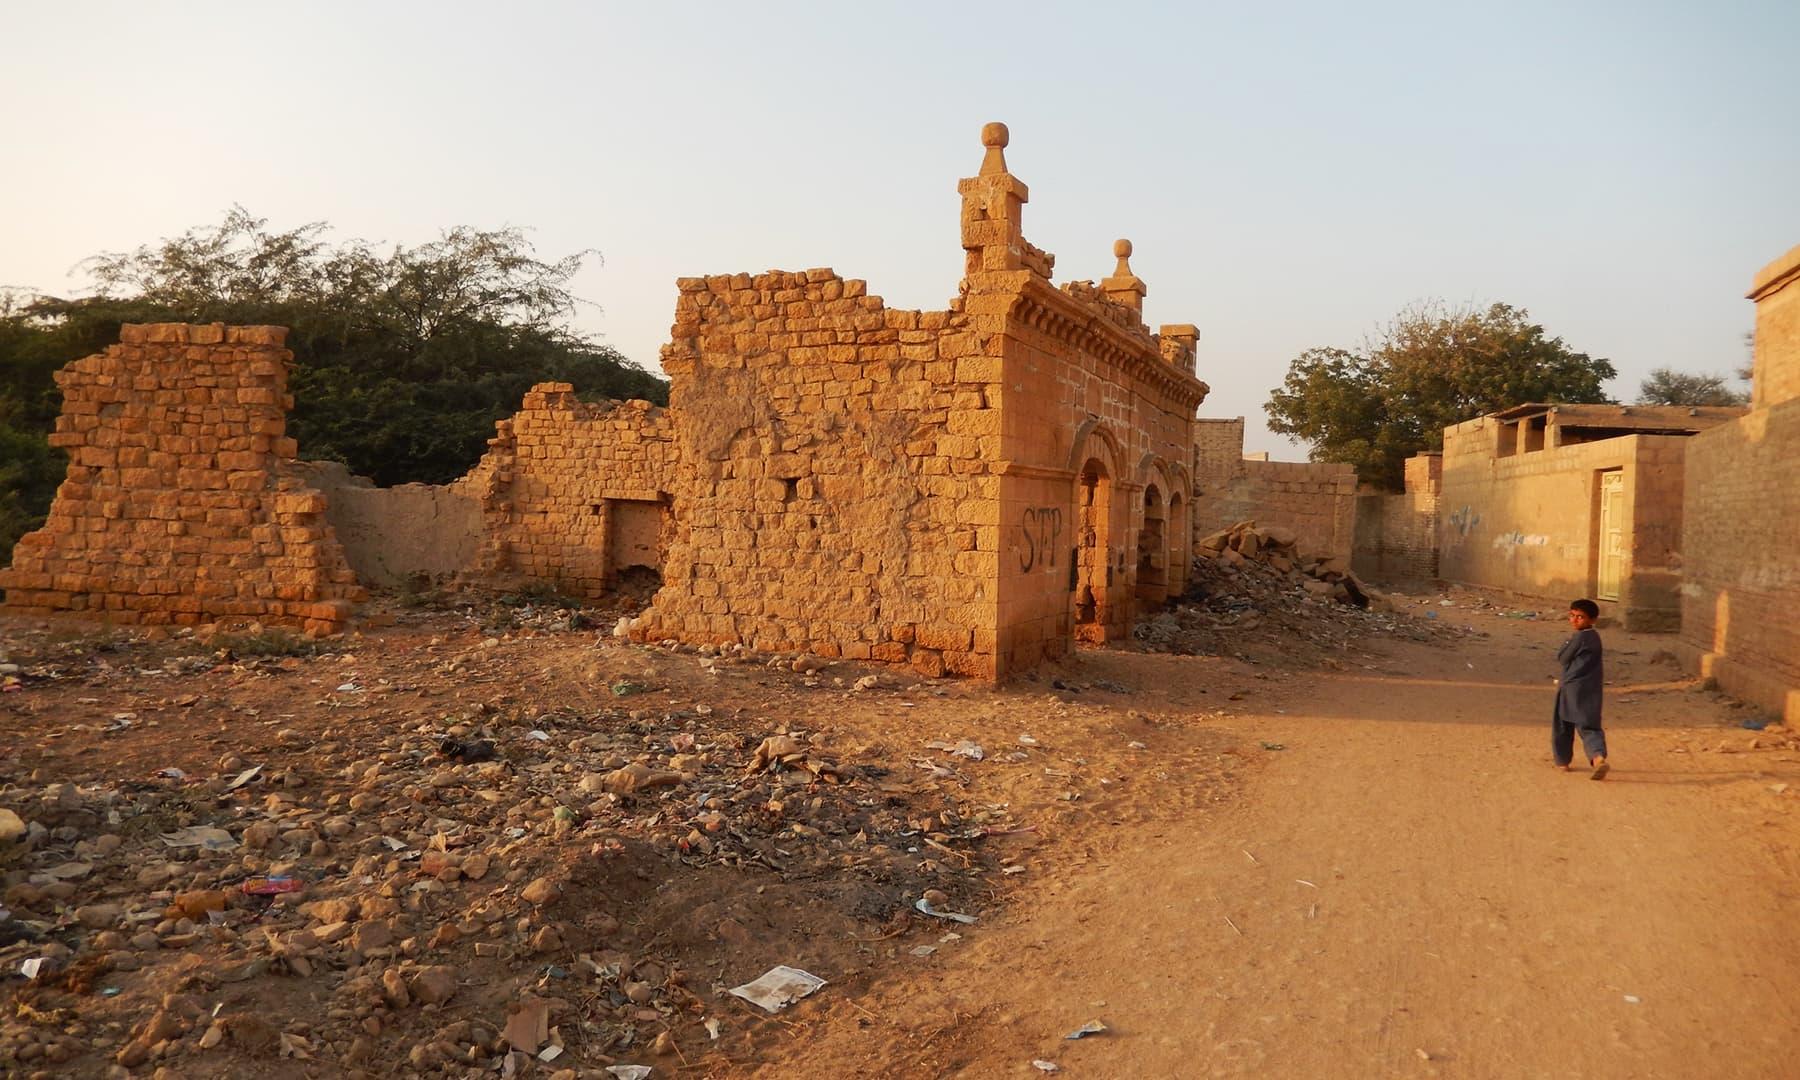 شہر جھرک کی ایک تصویر — تصویر ابوبکر شیخ